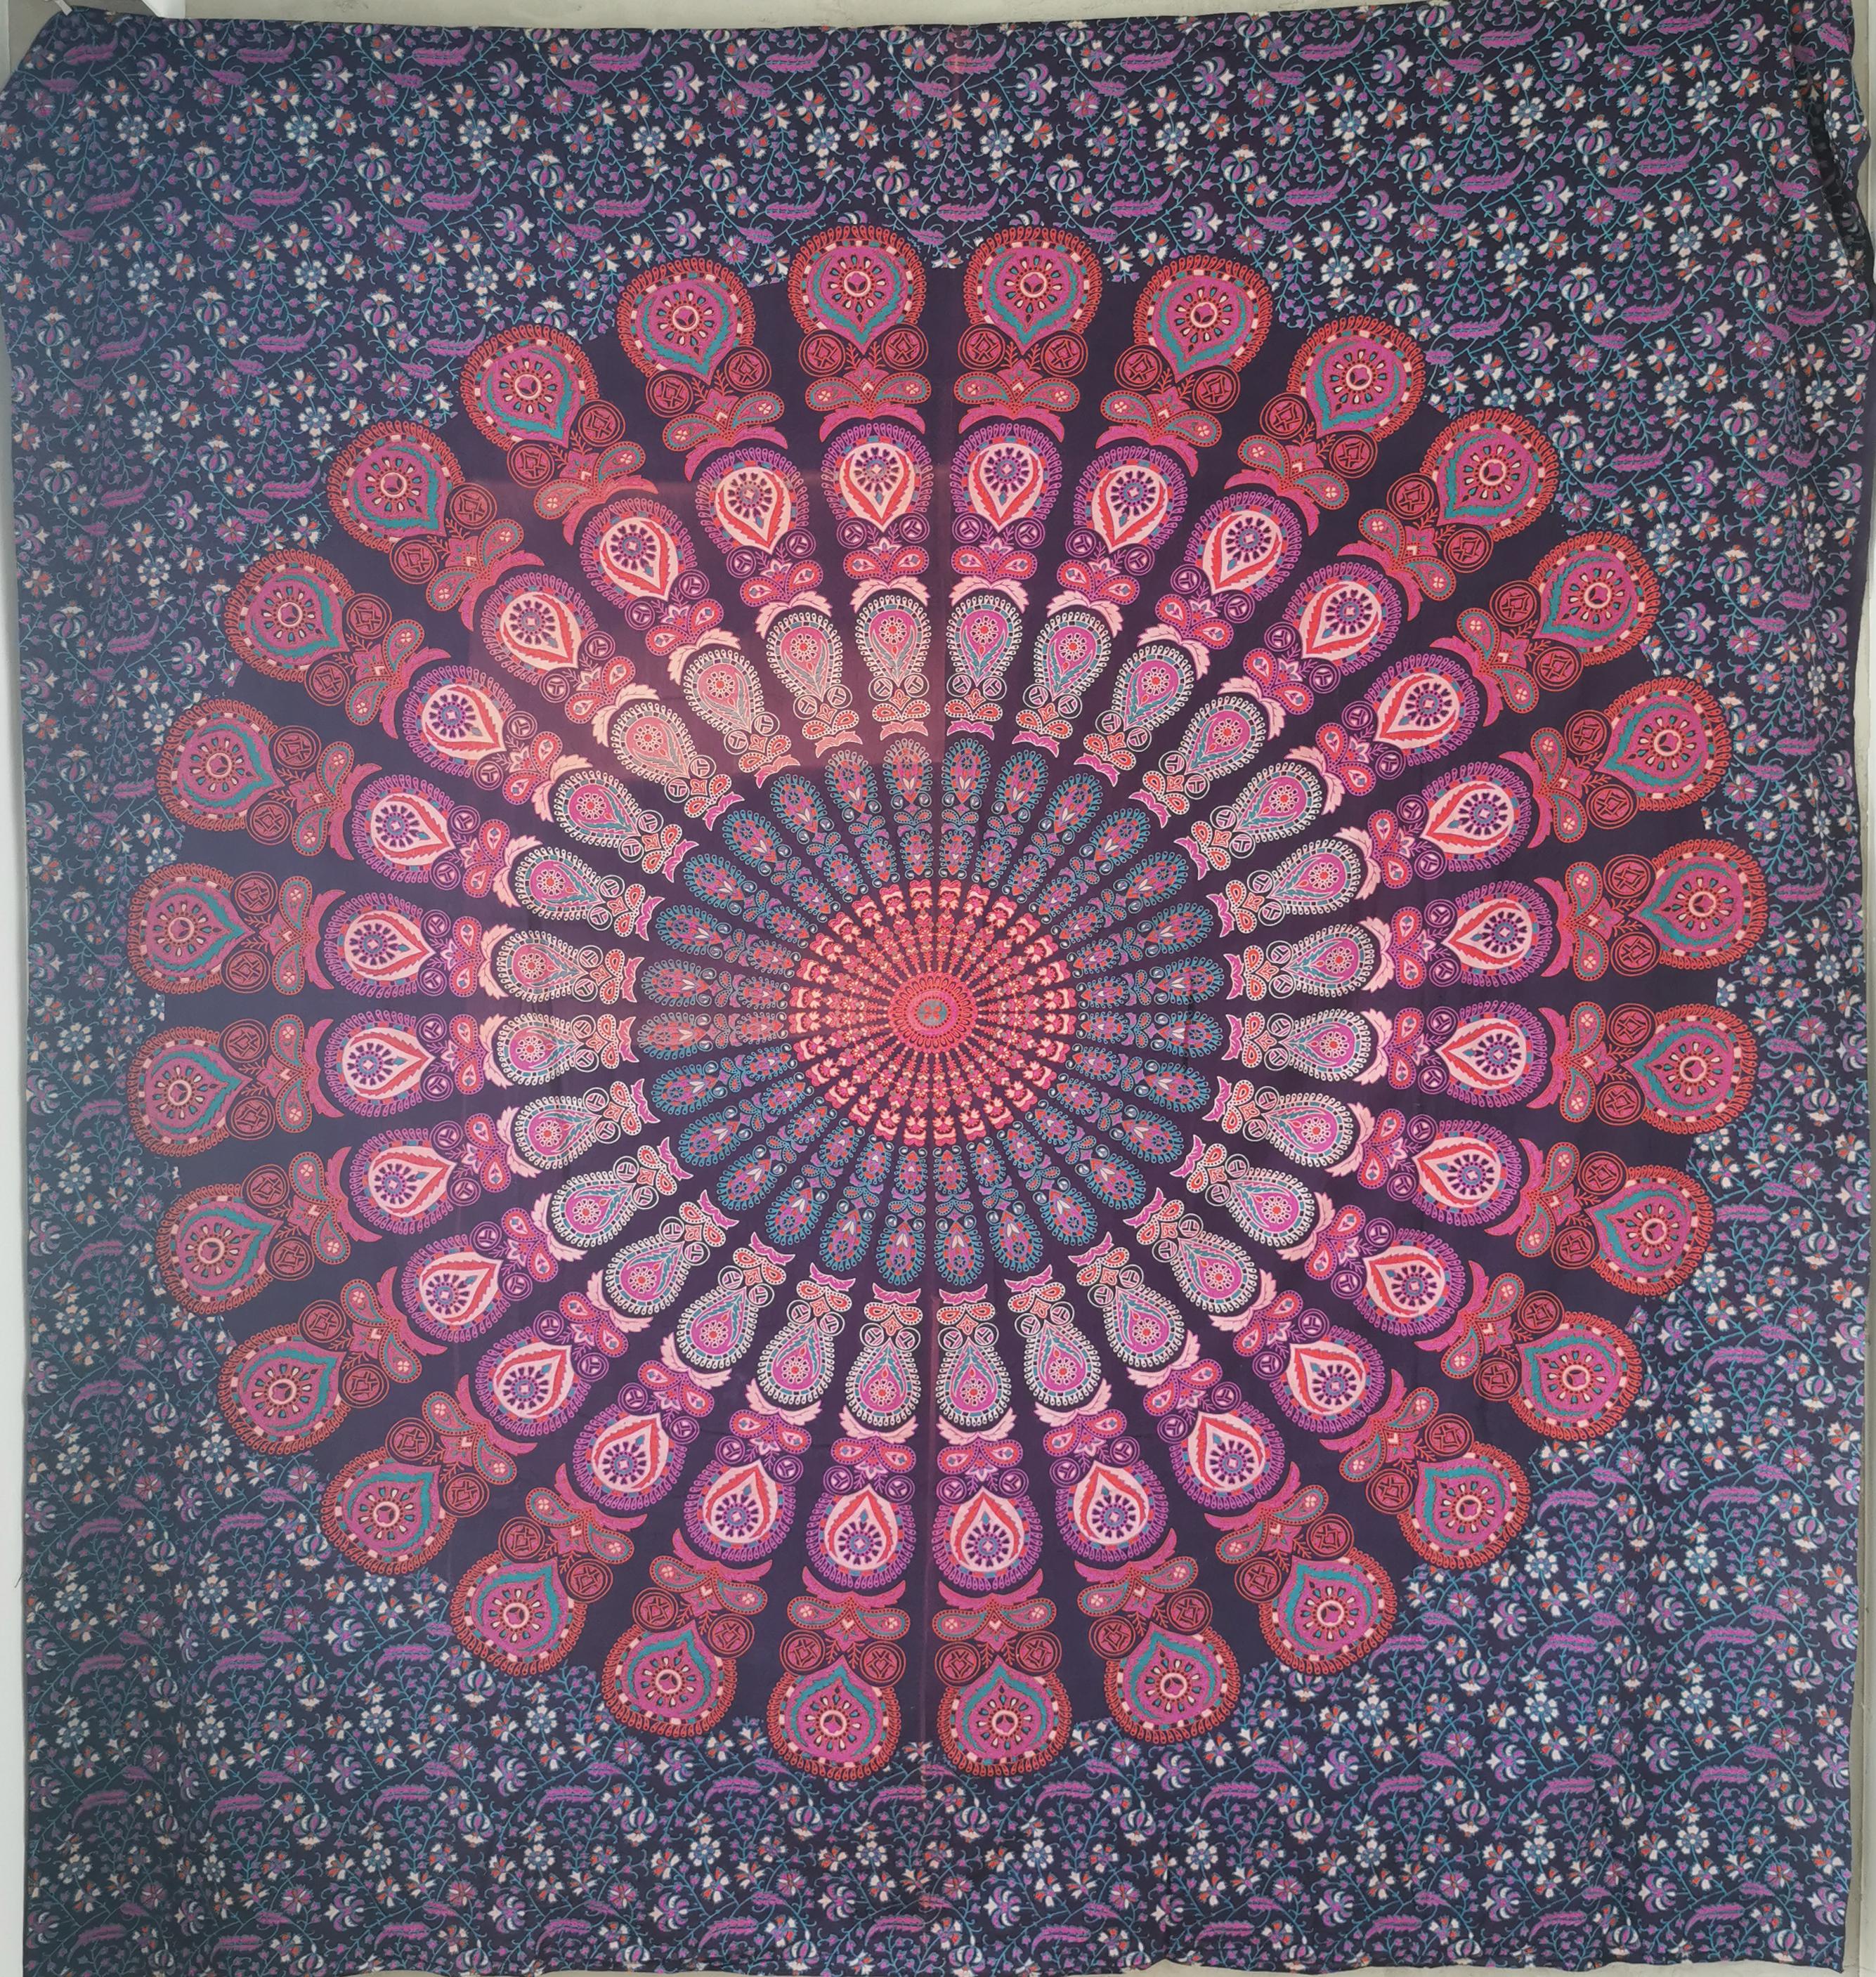 Mandala Rot/Magenta auf Blau